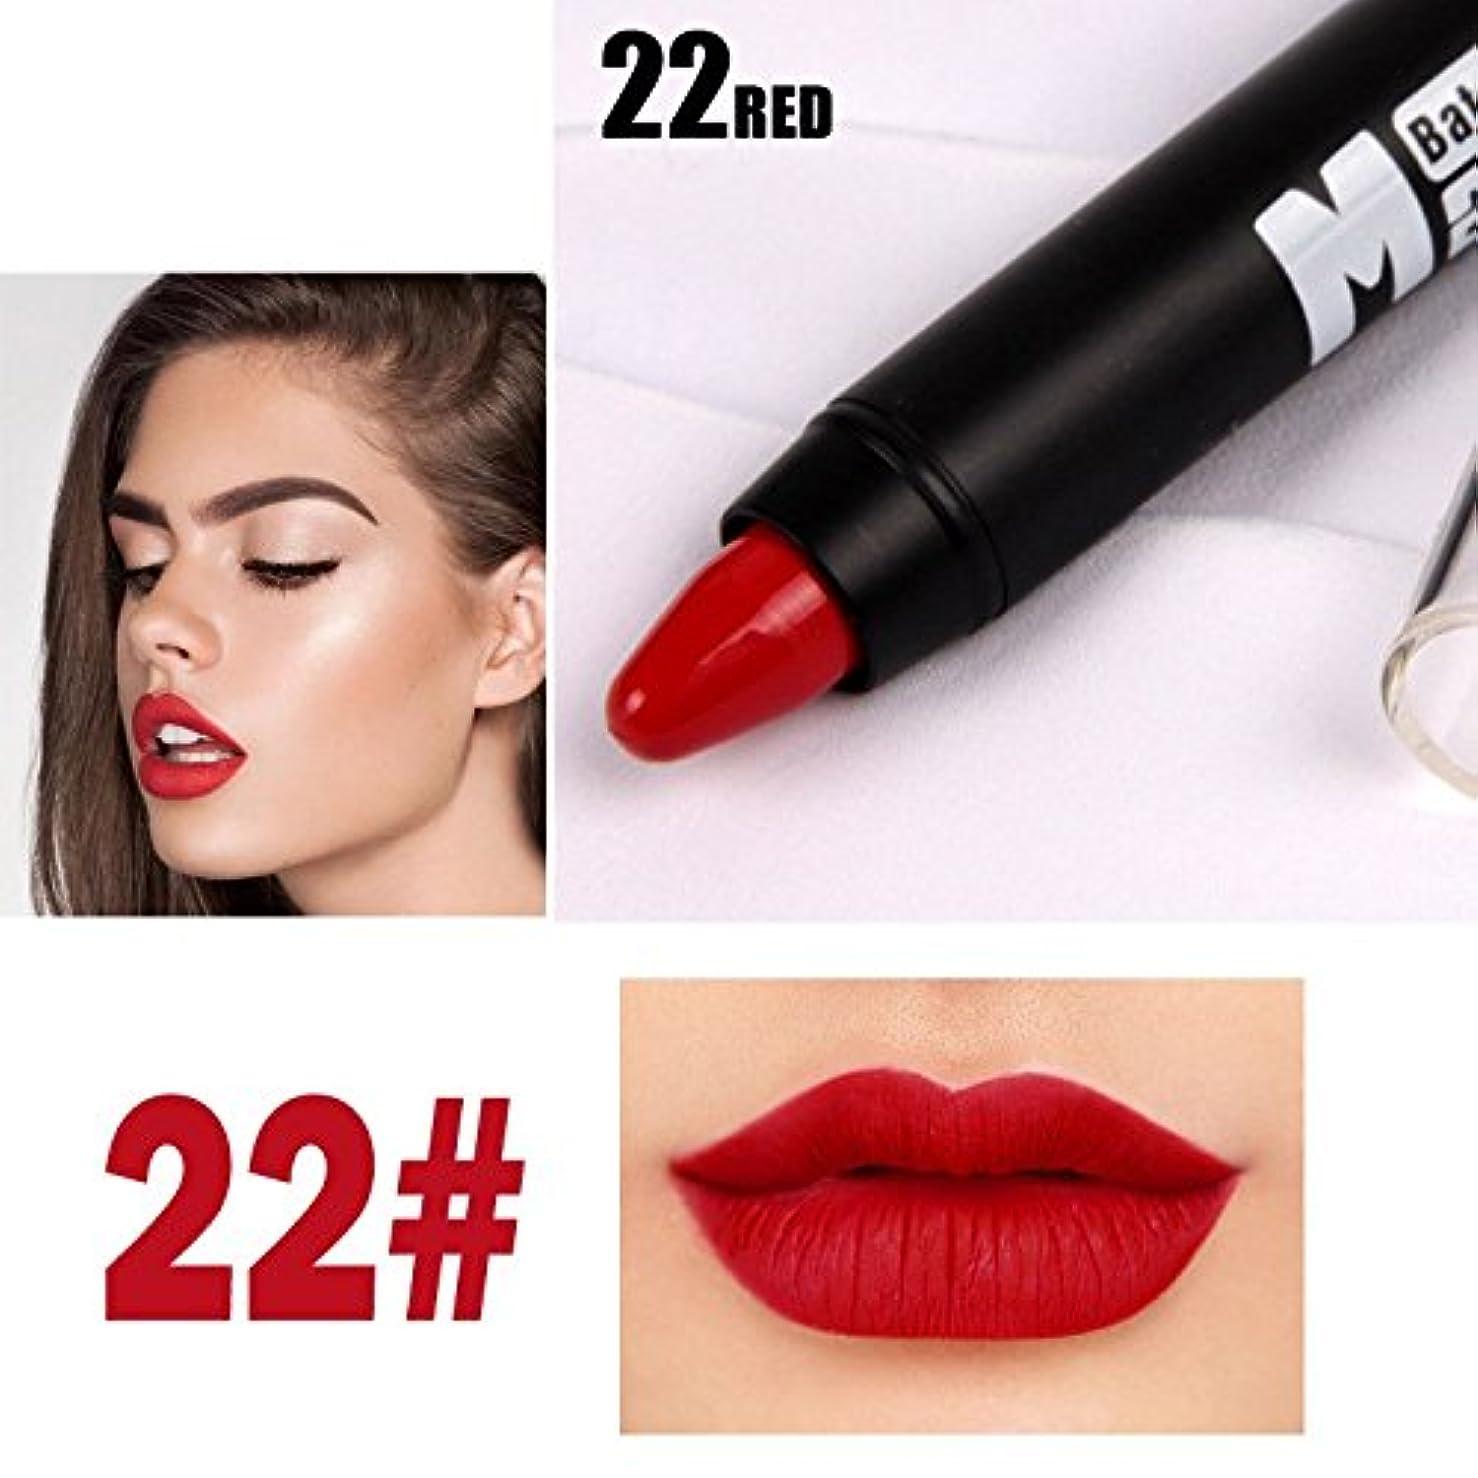 ノミネート伝導率うがいMISS ROSE Professional Women Waterproof Lipstick Lips Cream Beauty Lote Batom Matte Lipstick Nude Pencils Makeup